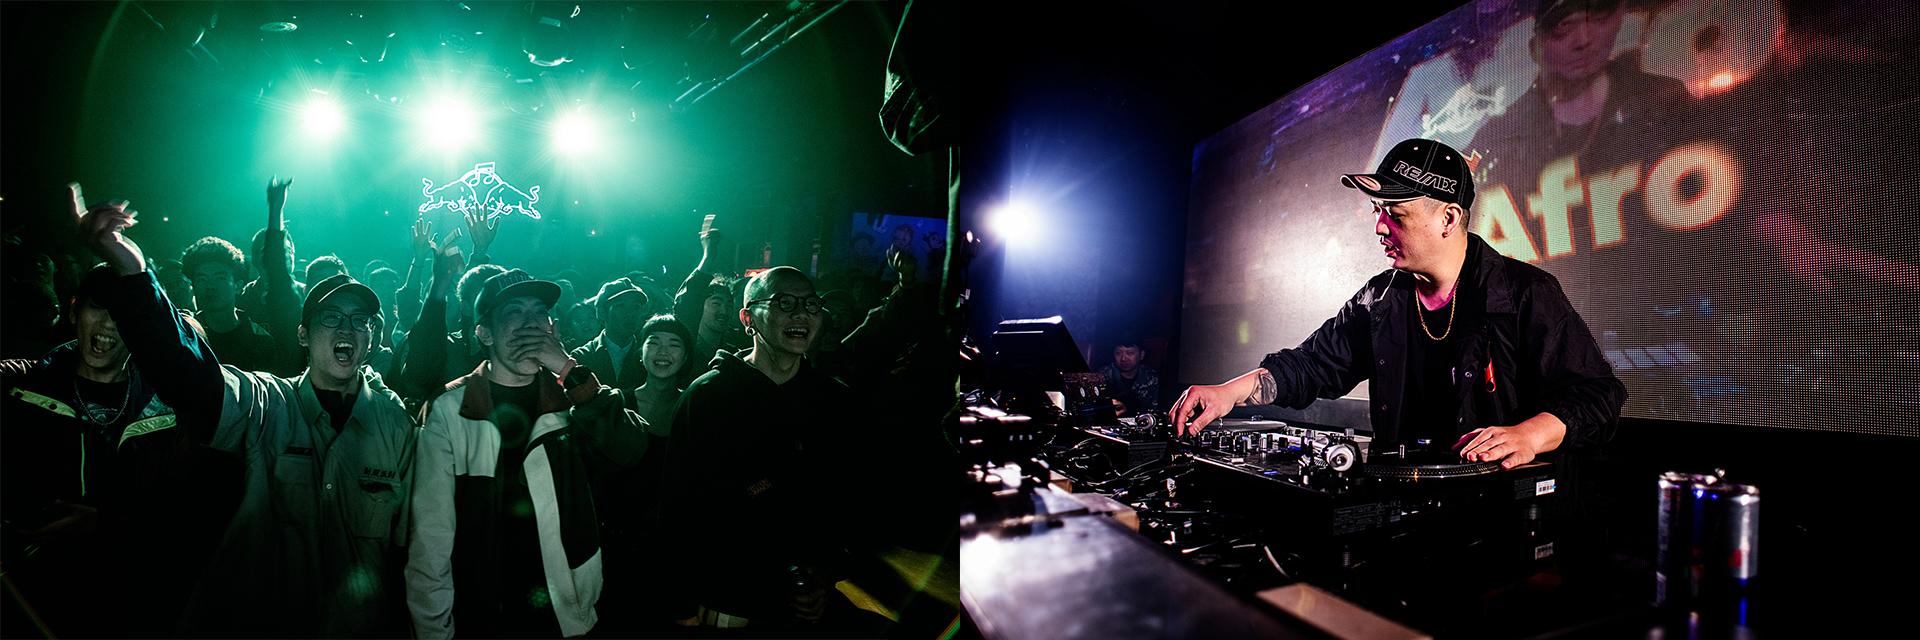 全民當 DJ?!混音、刷碟不卡關,「頑童御用」冠軍 DJ Afro 帶你一次搞懂 DJ 們的事